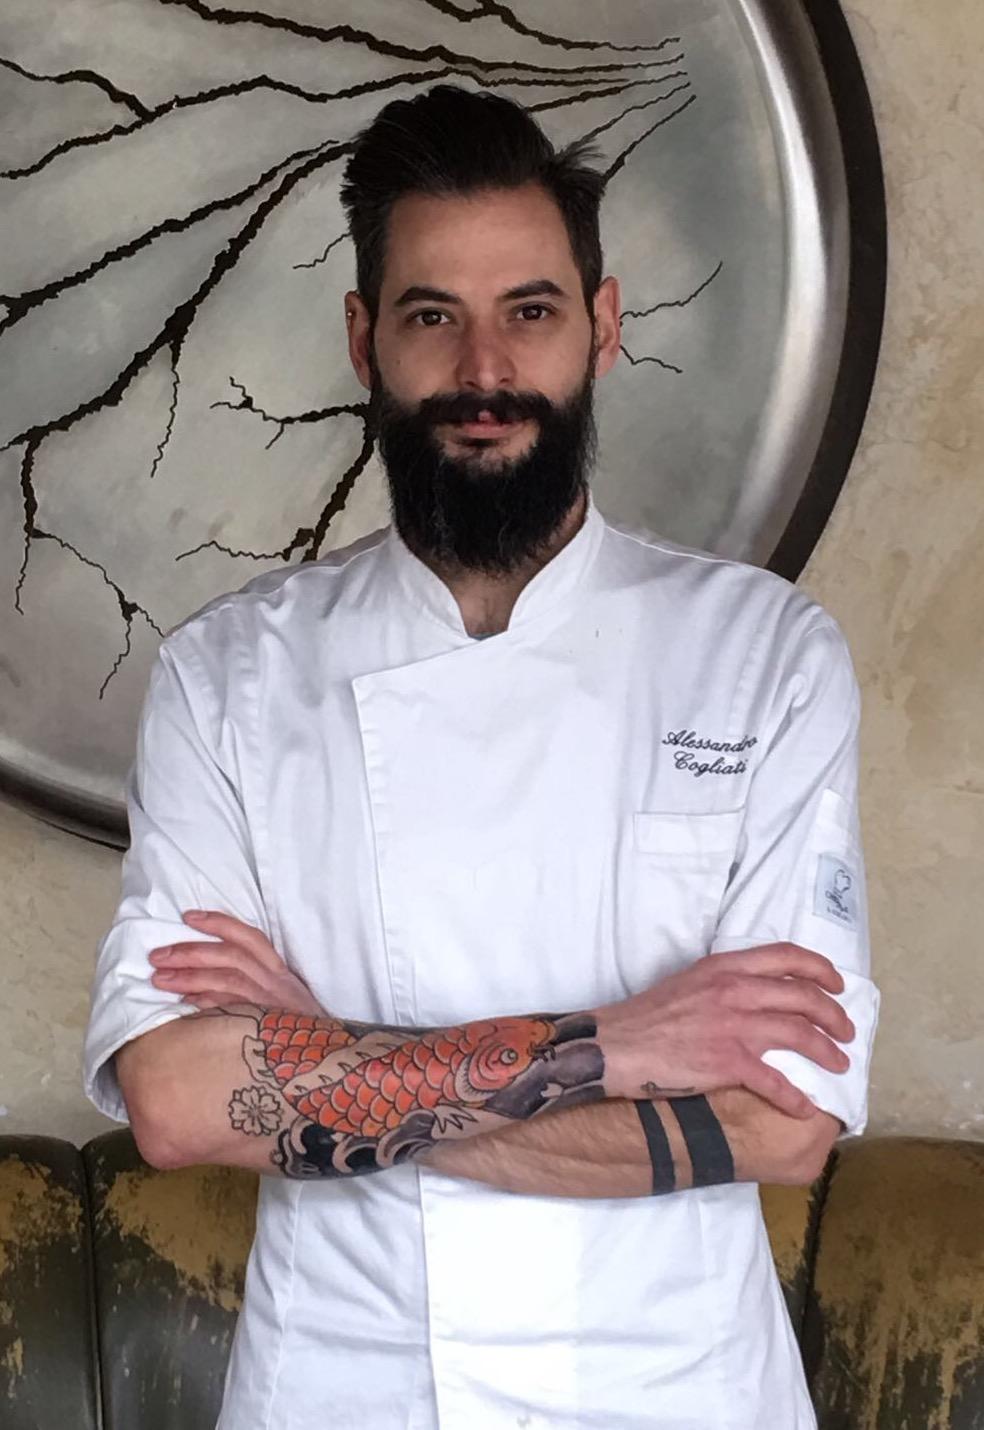 chef Alessandro Cogliati